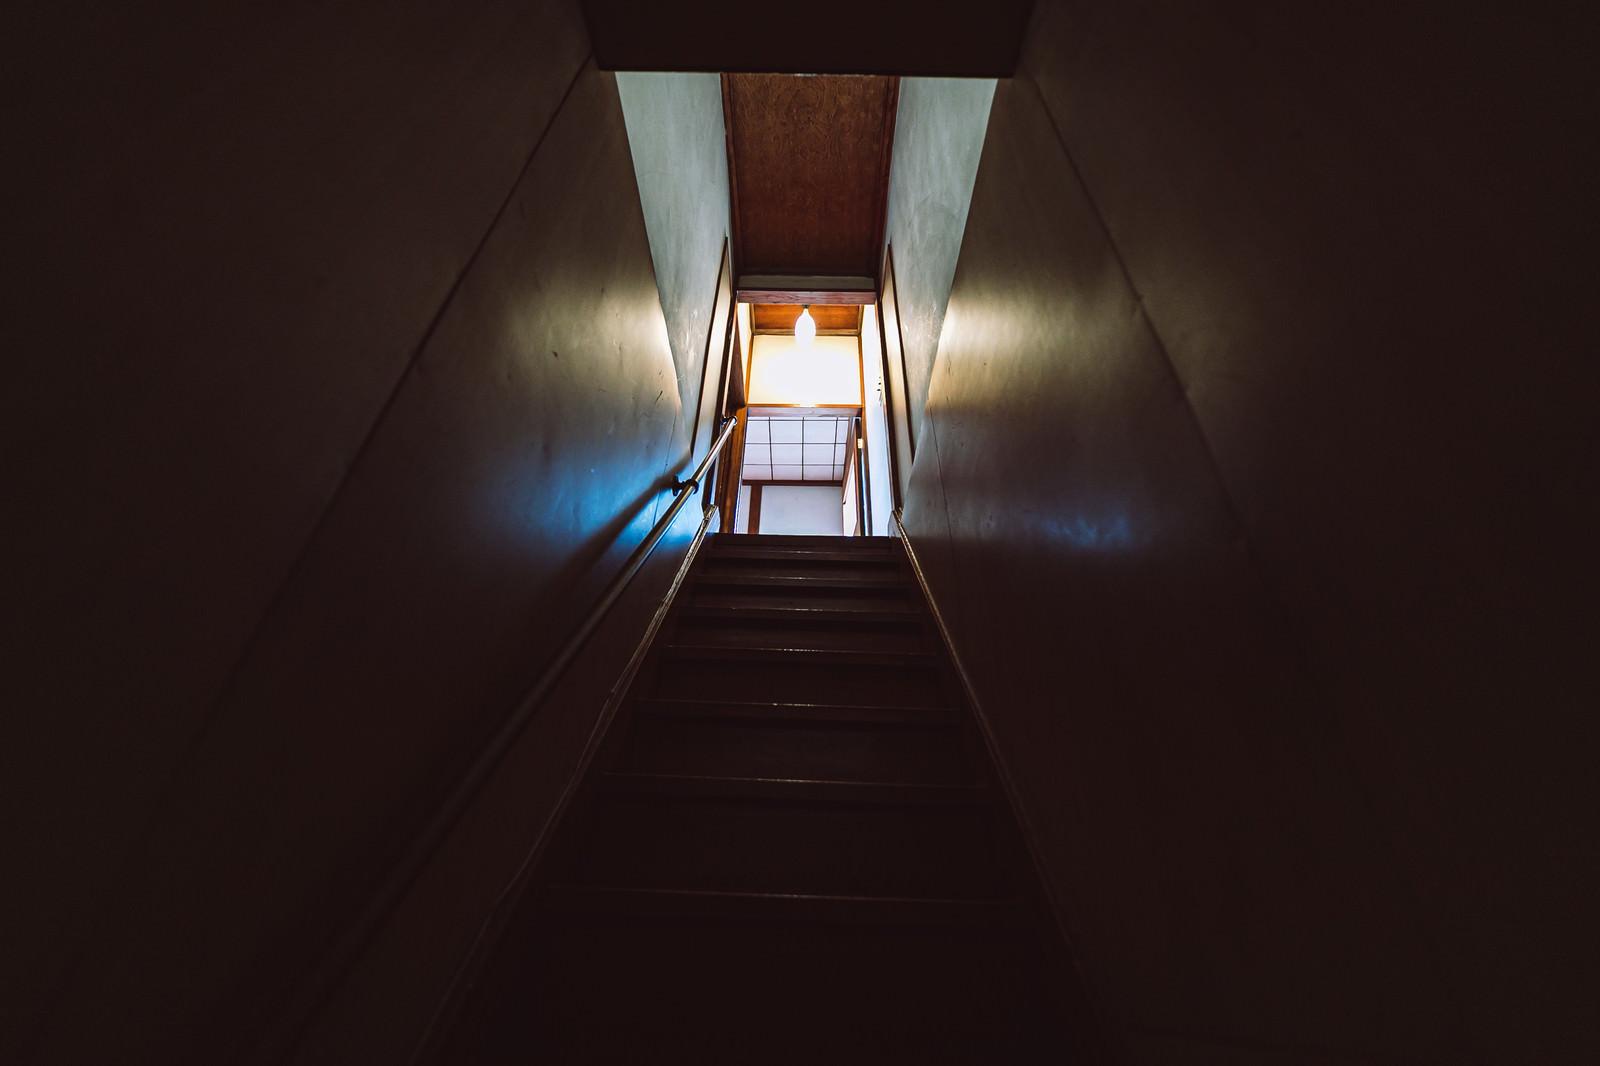 「ギシギシ音がする木造の2階へと上がる階段」の写真